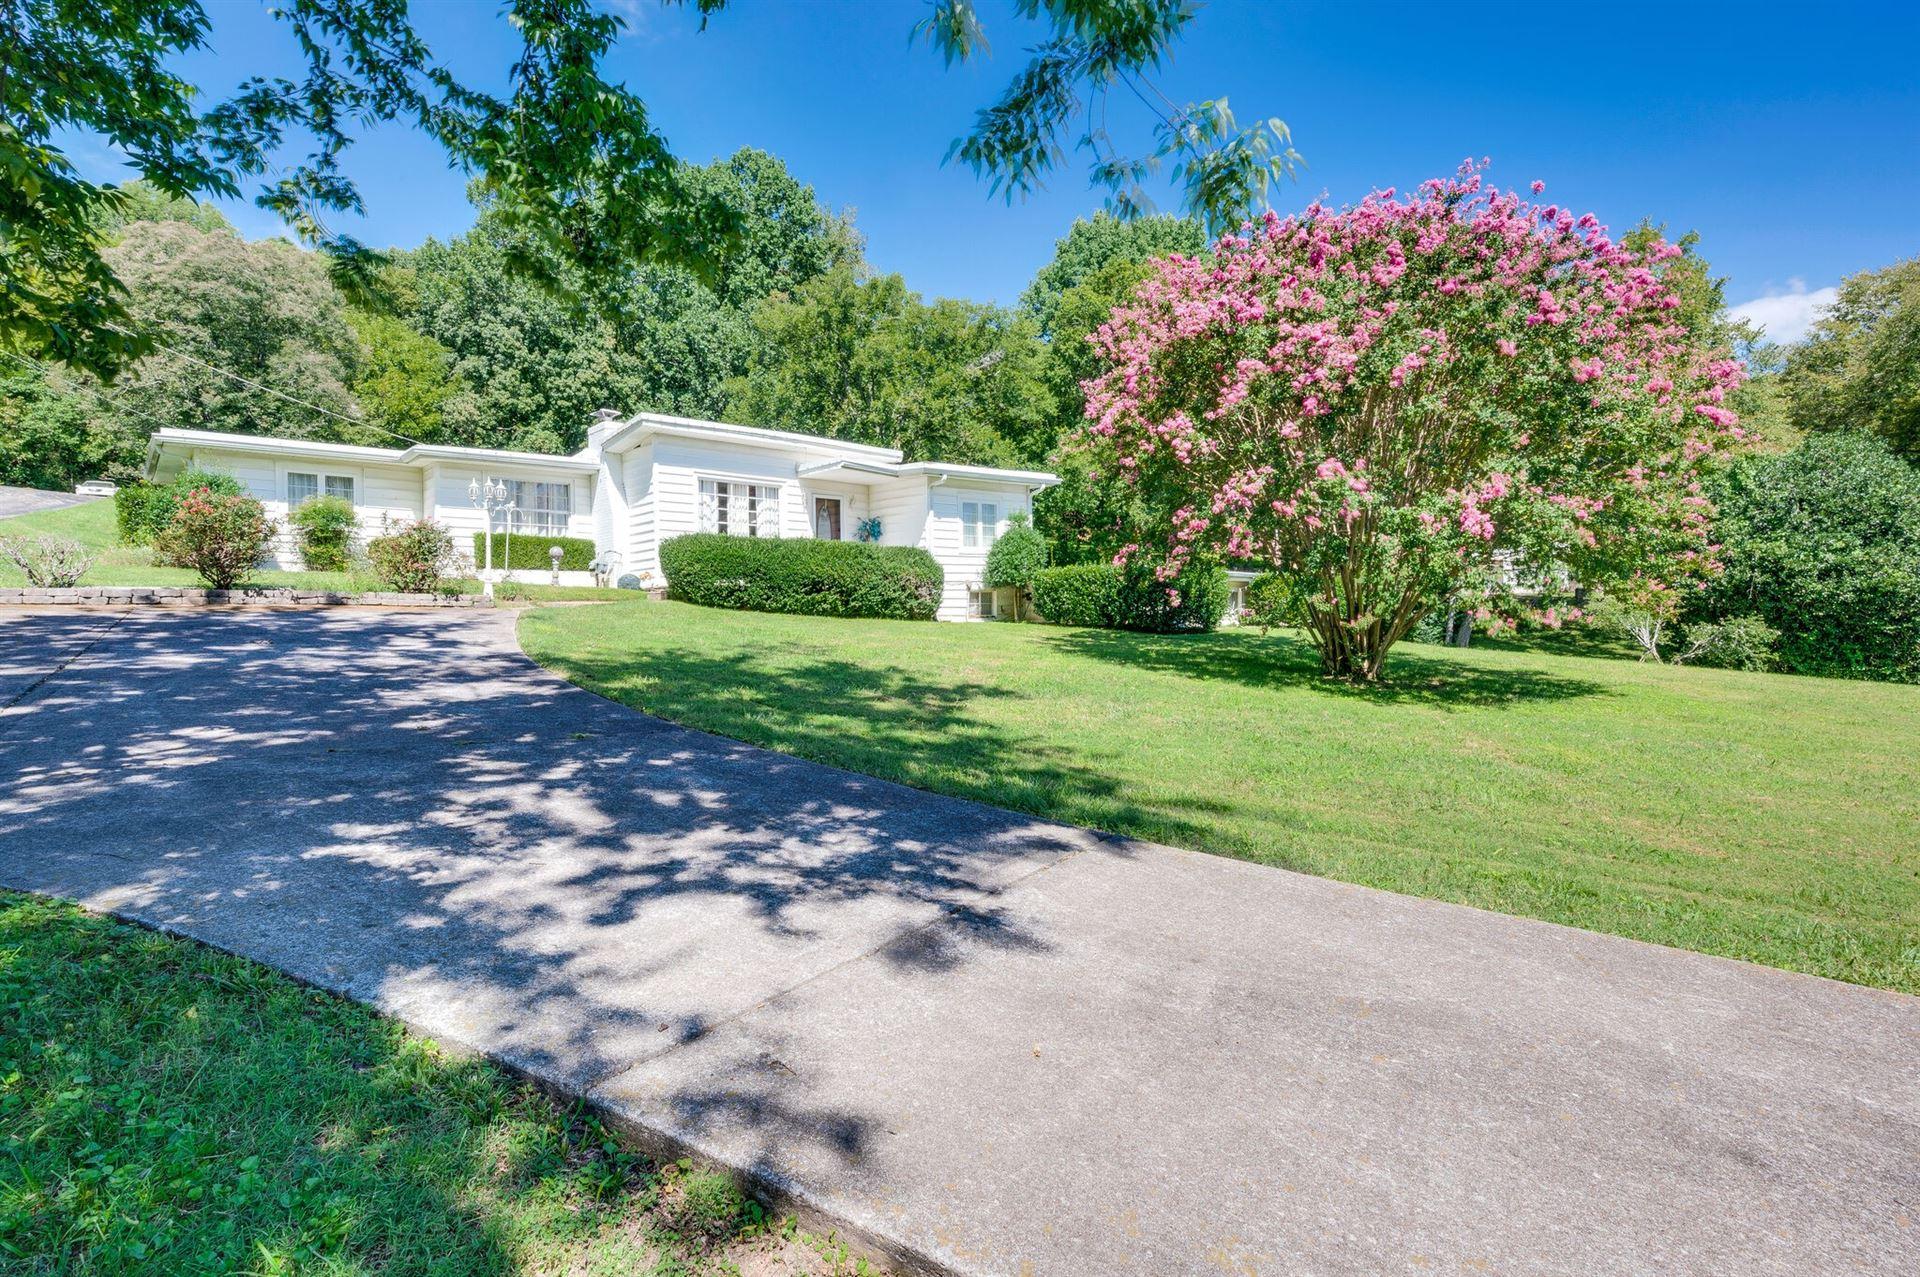 Photo of 475 Franklin Rd, Franklin, TN 37069 (MLS # 2289809)